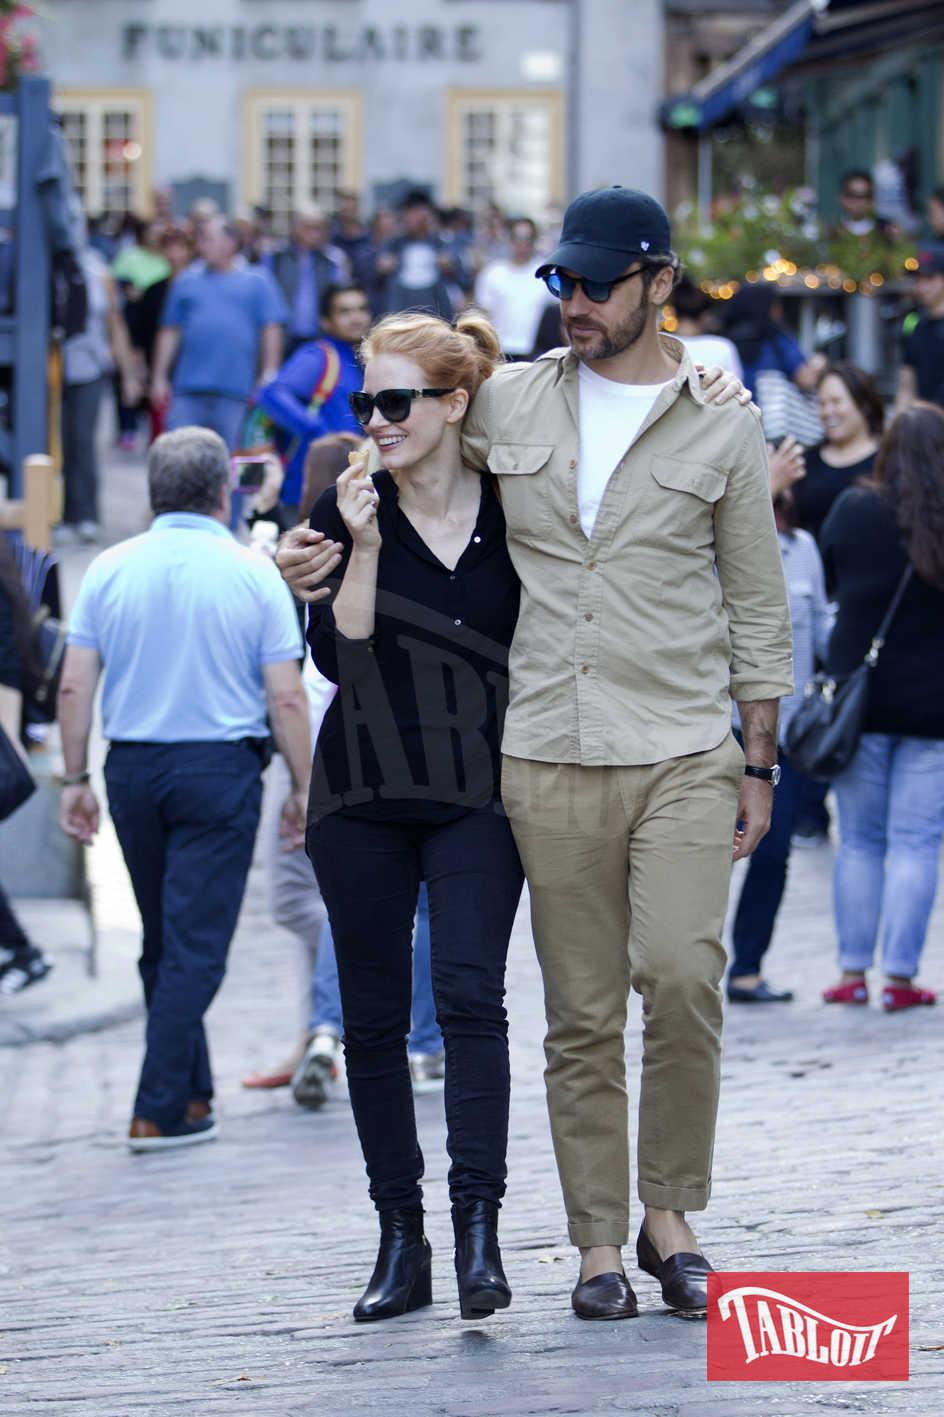 Jessica Chastain con il marito Gian Luca Passi a spasso per Québec City, Canada.